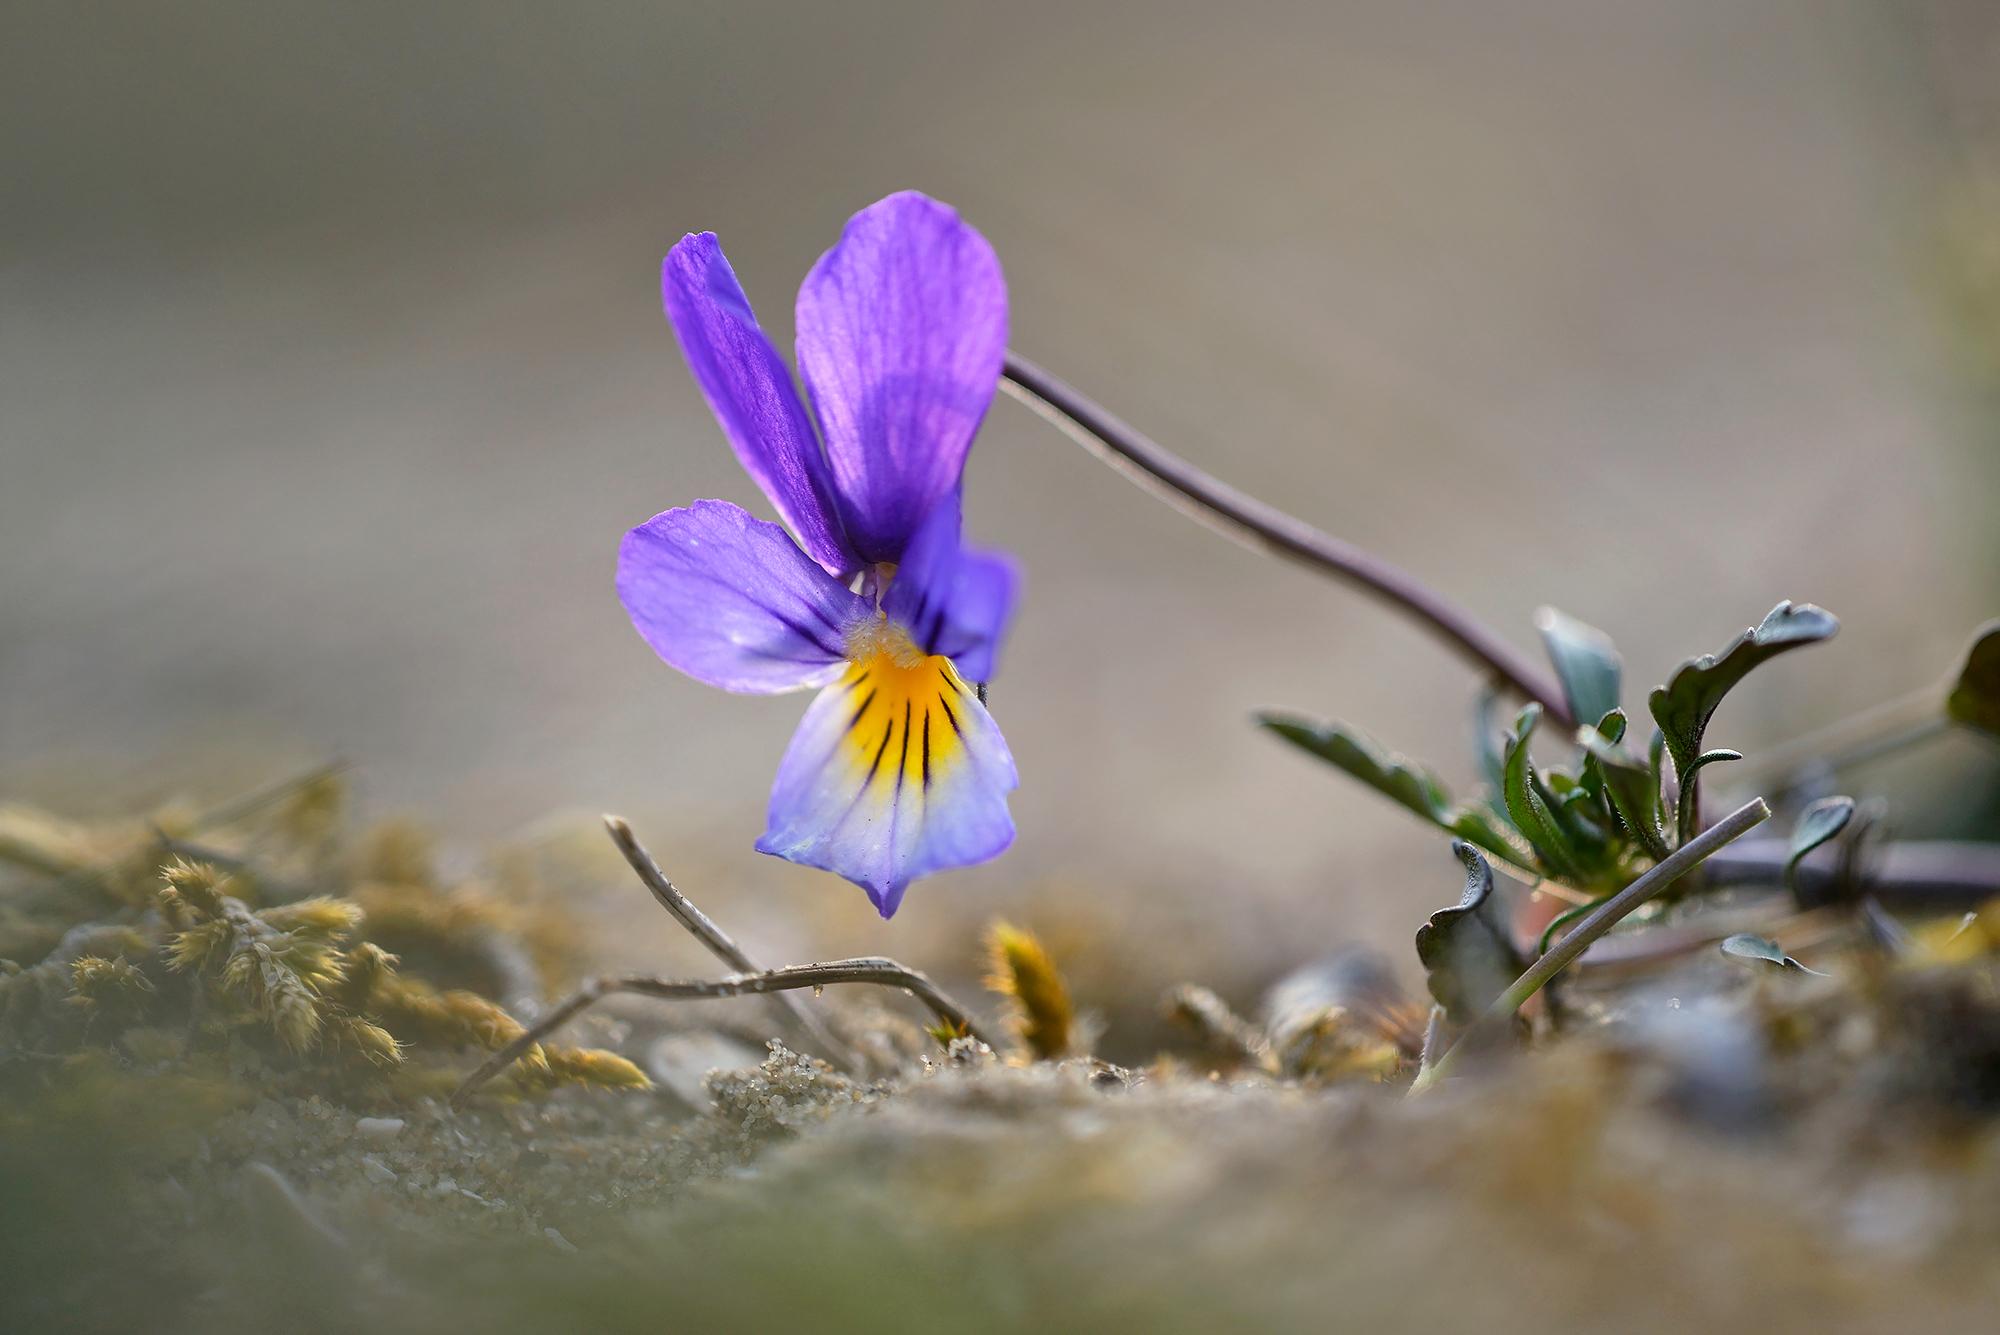 Blad, stengel en paarsblauwe bloem van duinviooltje (Viola curtisii) op een zanderige duinhelling in het Noordhollands Duinreservaat bij Bakkum.